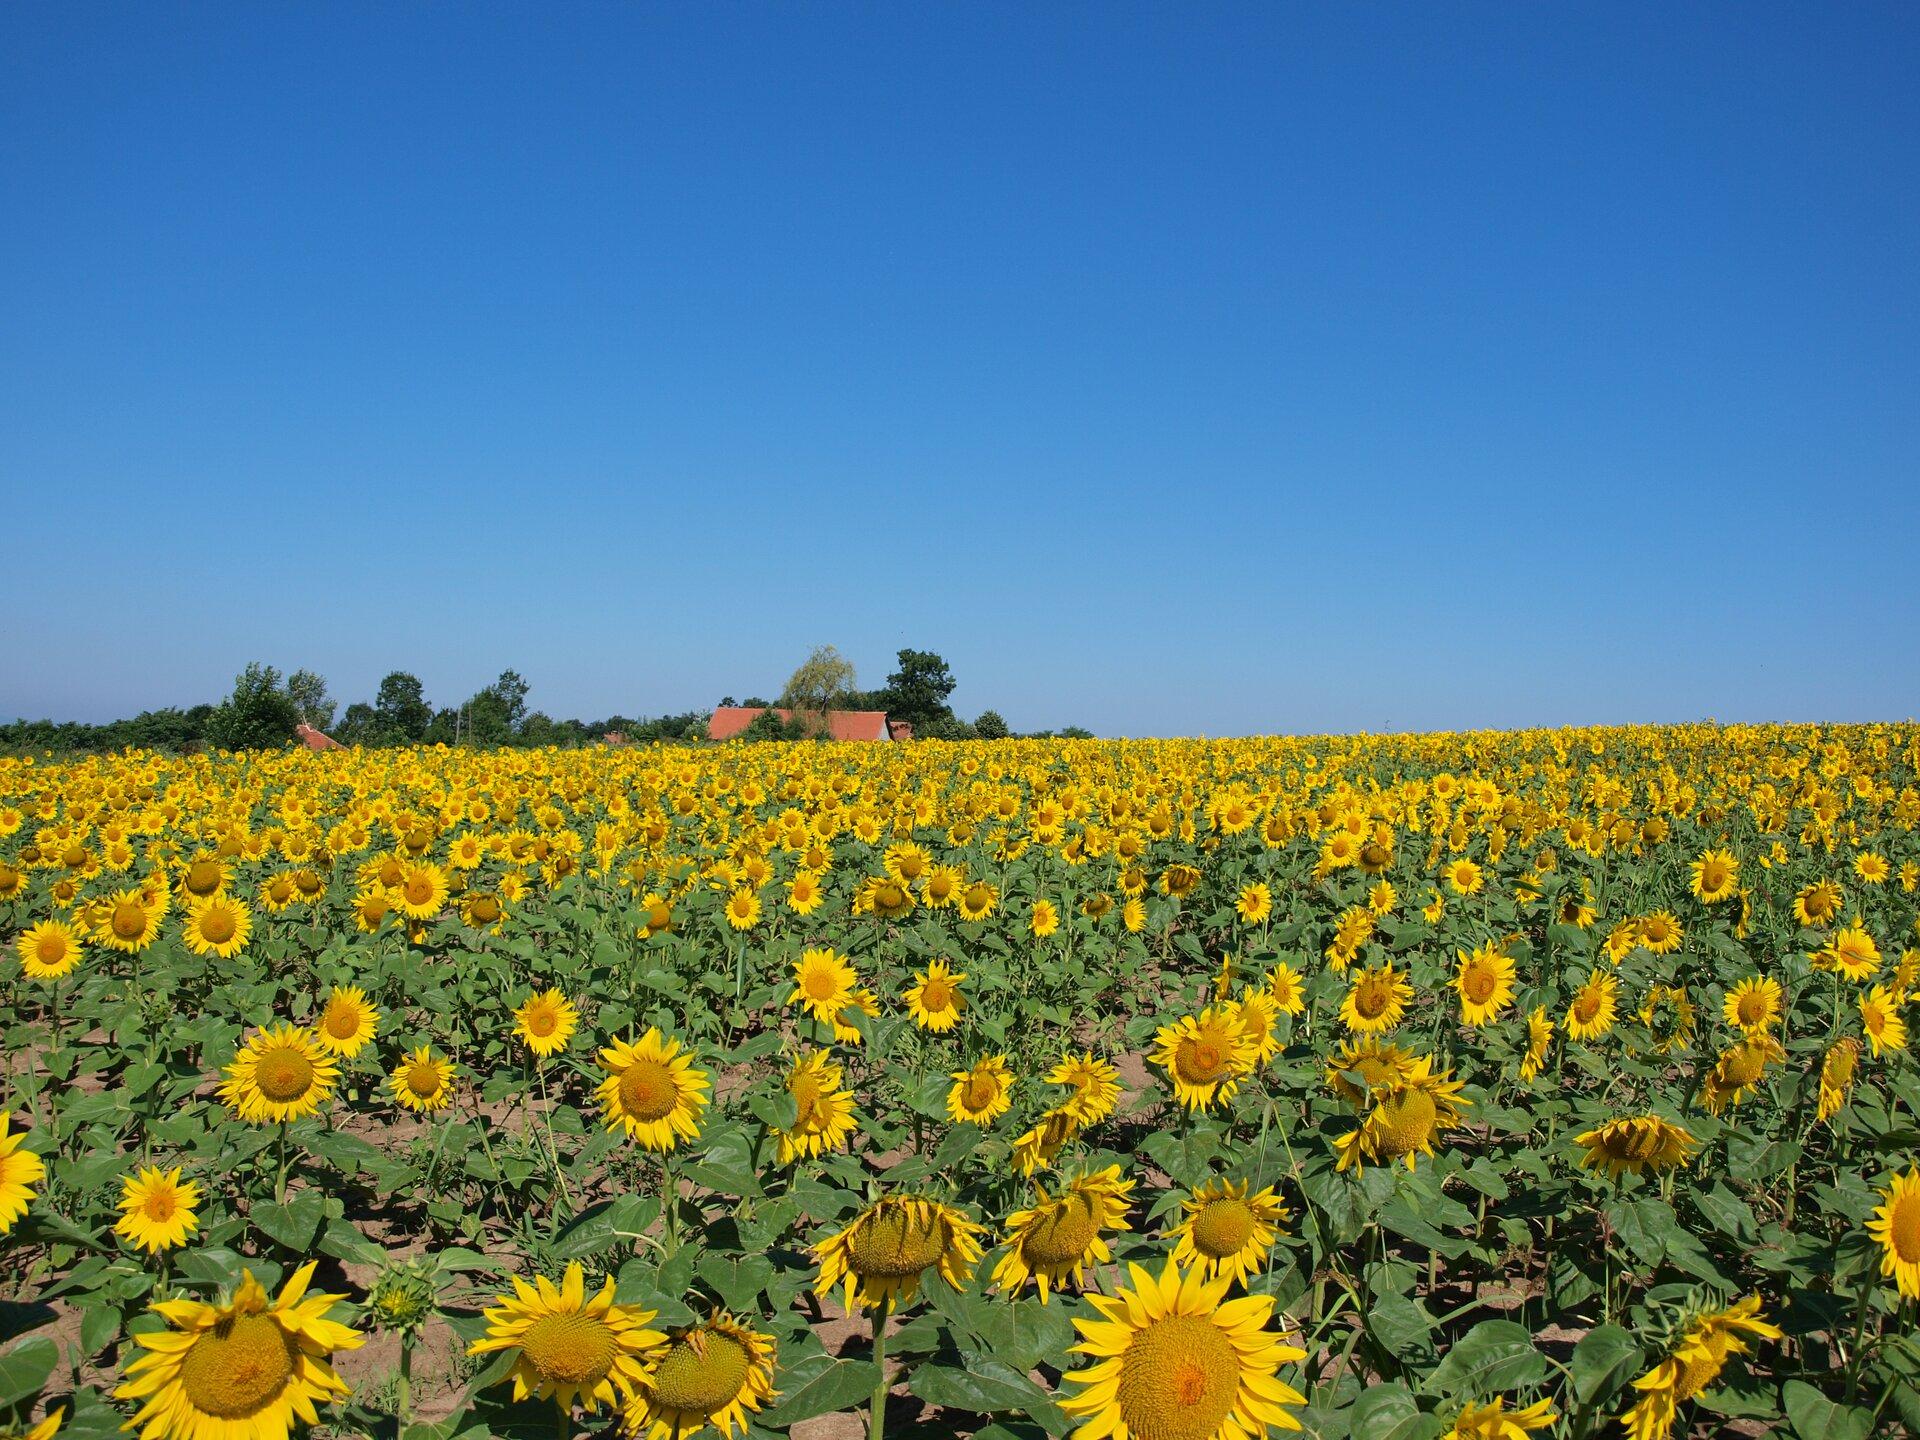 Fotografia przedstawia pole kwitnących żółto słoneczników wpełnym słońcu. Woddali widać czerwony dach domu idrzewa obok niego. Słoneczniki to rośliny światłolubne.